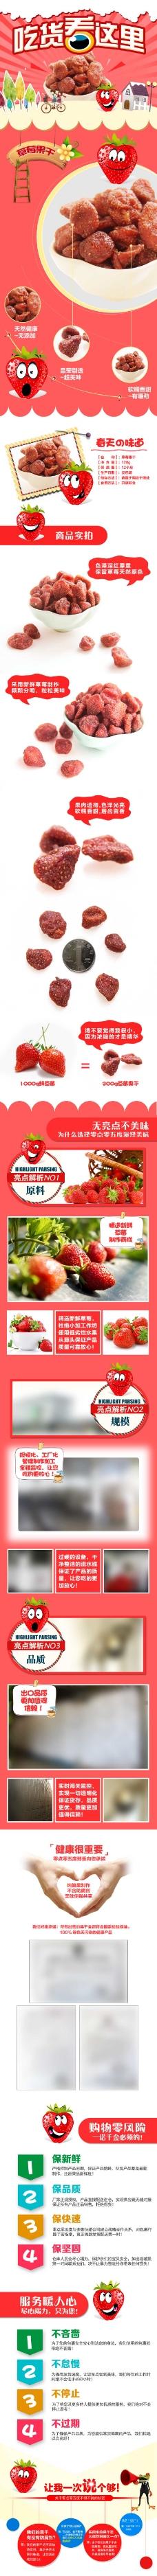 可爱卡通草莓果干果脯水果详情页